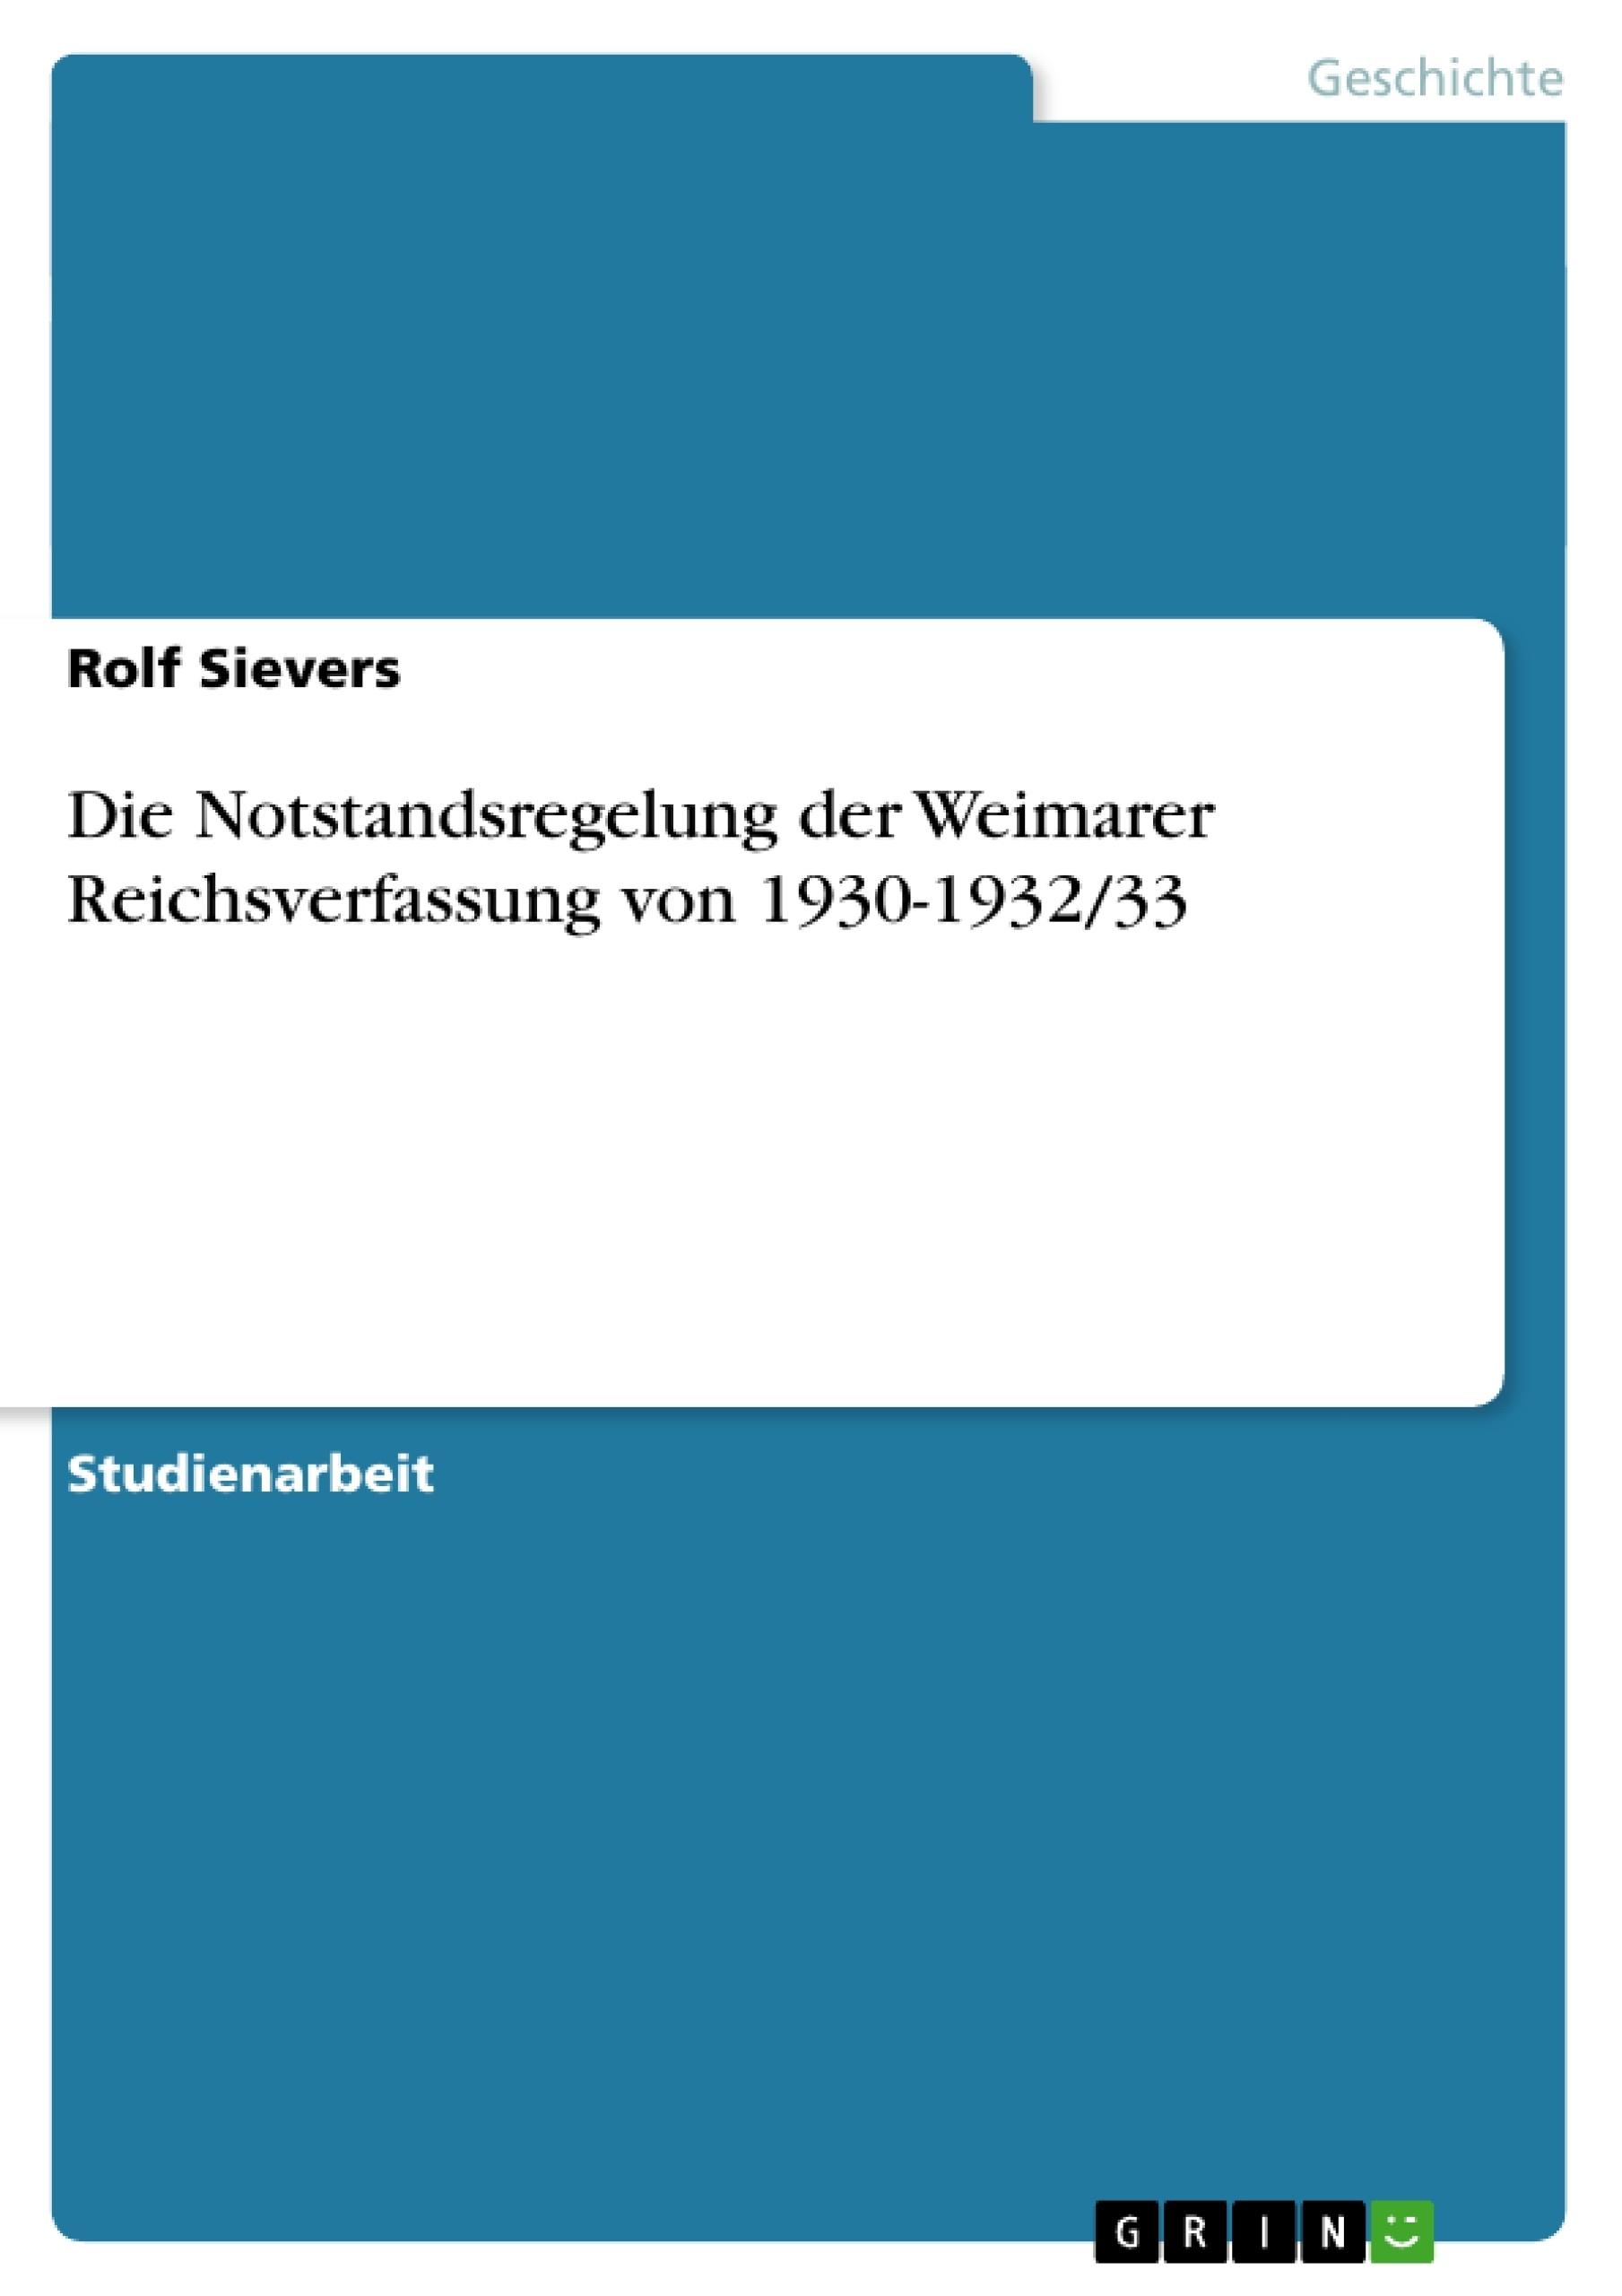 Titel: Die Notstandsregelung der Weimarer Reichsverfassung von 1930-1932/33